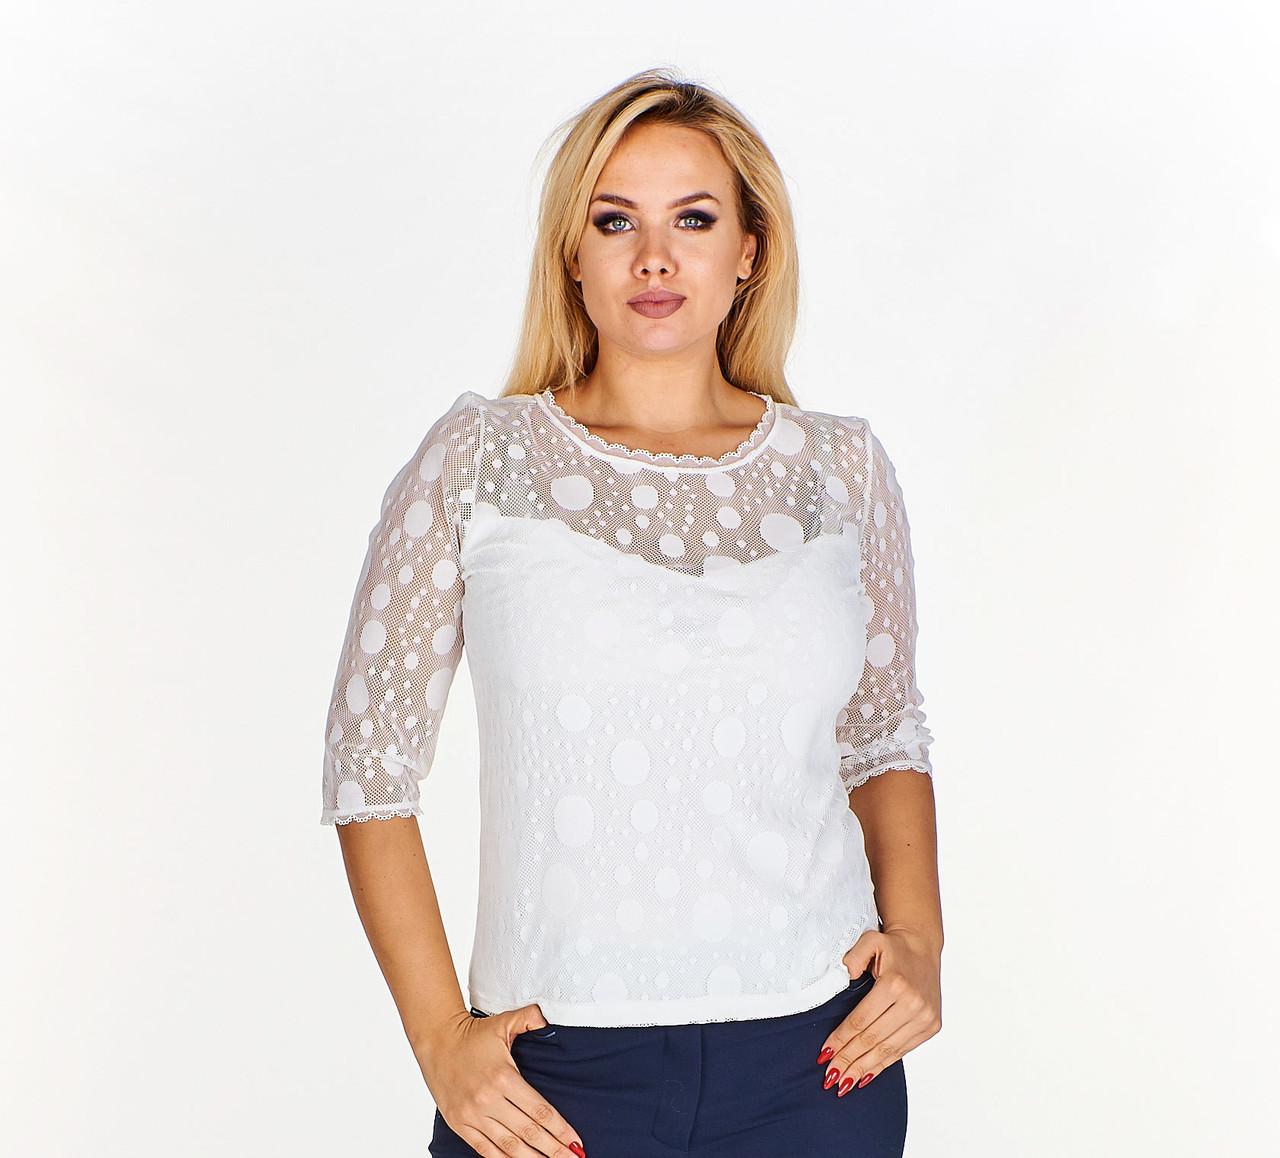 Блузка с кружевной вставкой в горошек